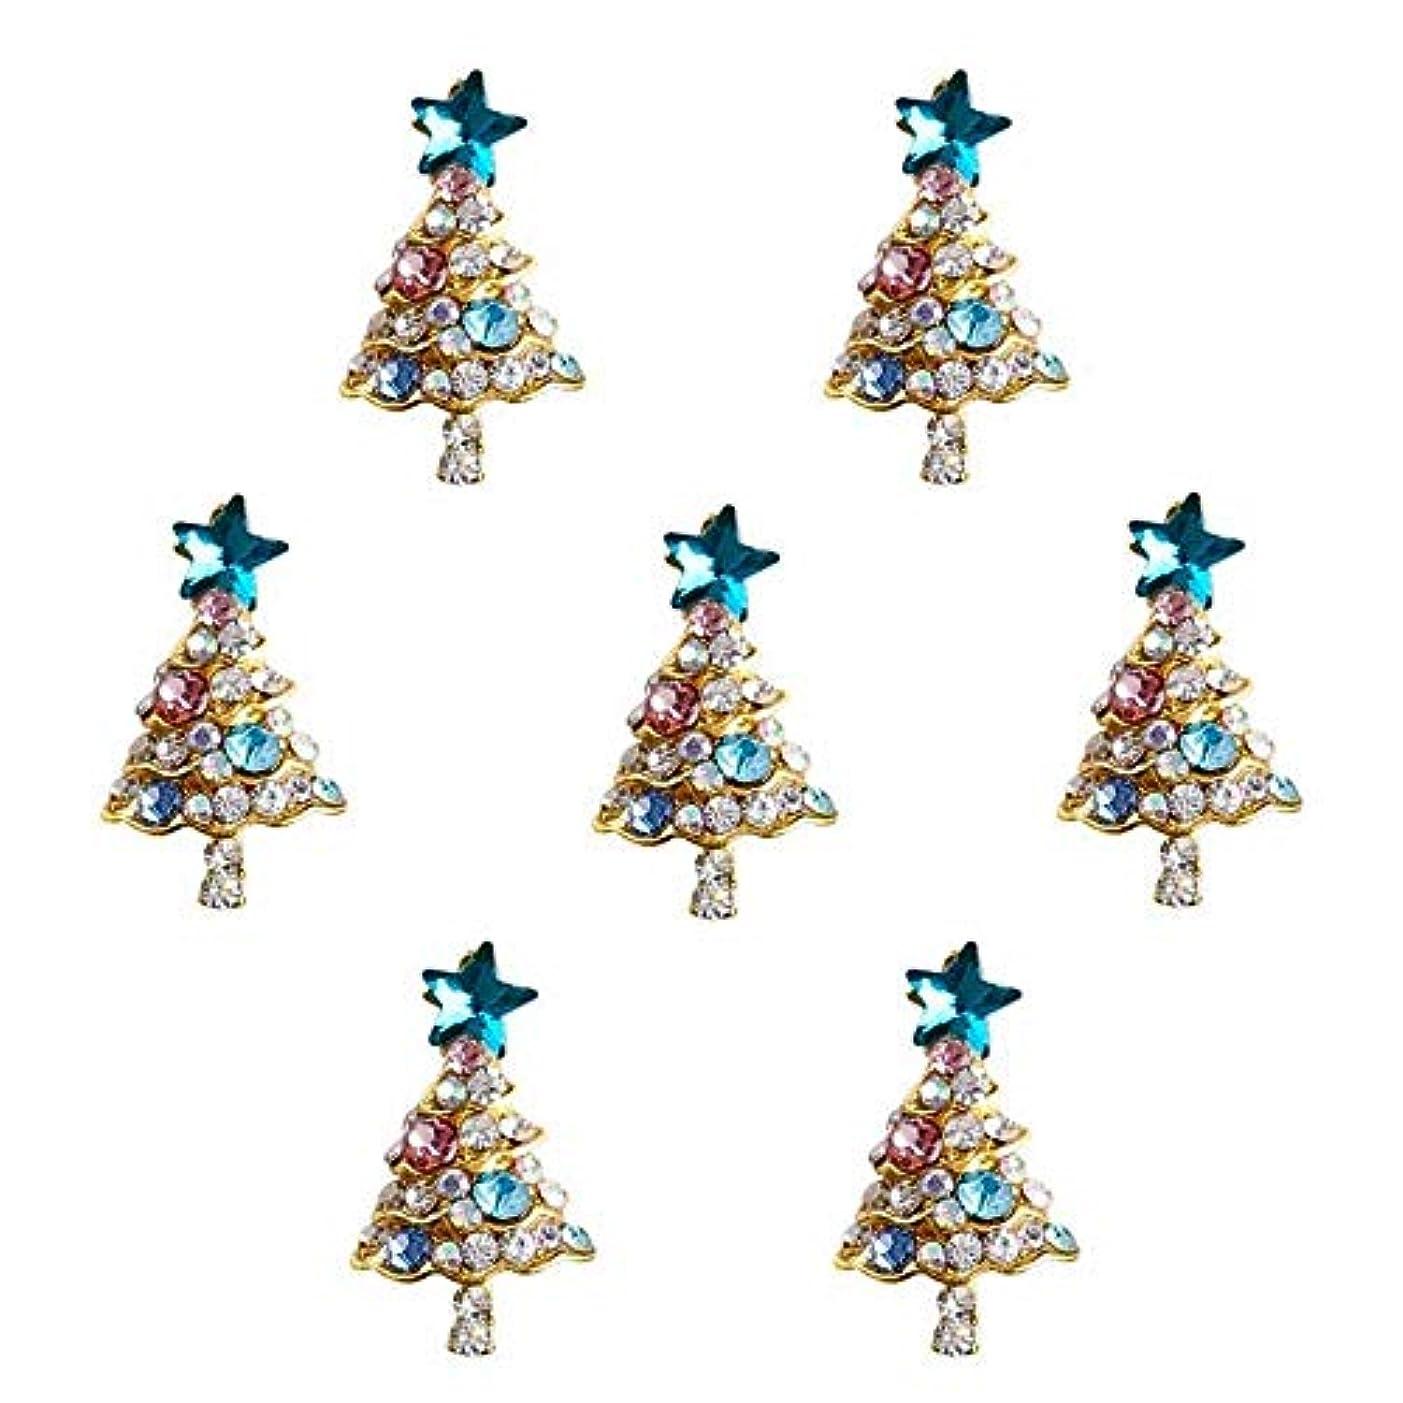 カヌー排除親10個入り/ロット3Dラインストーンの装飾ブルーグリッタースタークリスマスツリーのデザイン接着剤ネイルアートDIYスタッドは、合金用品